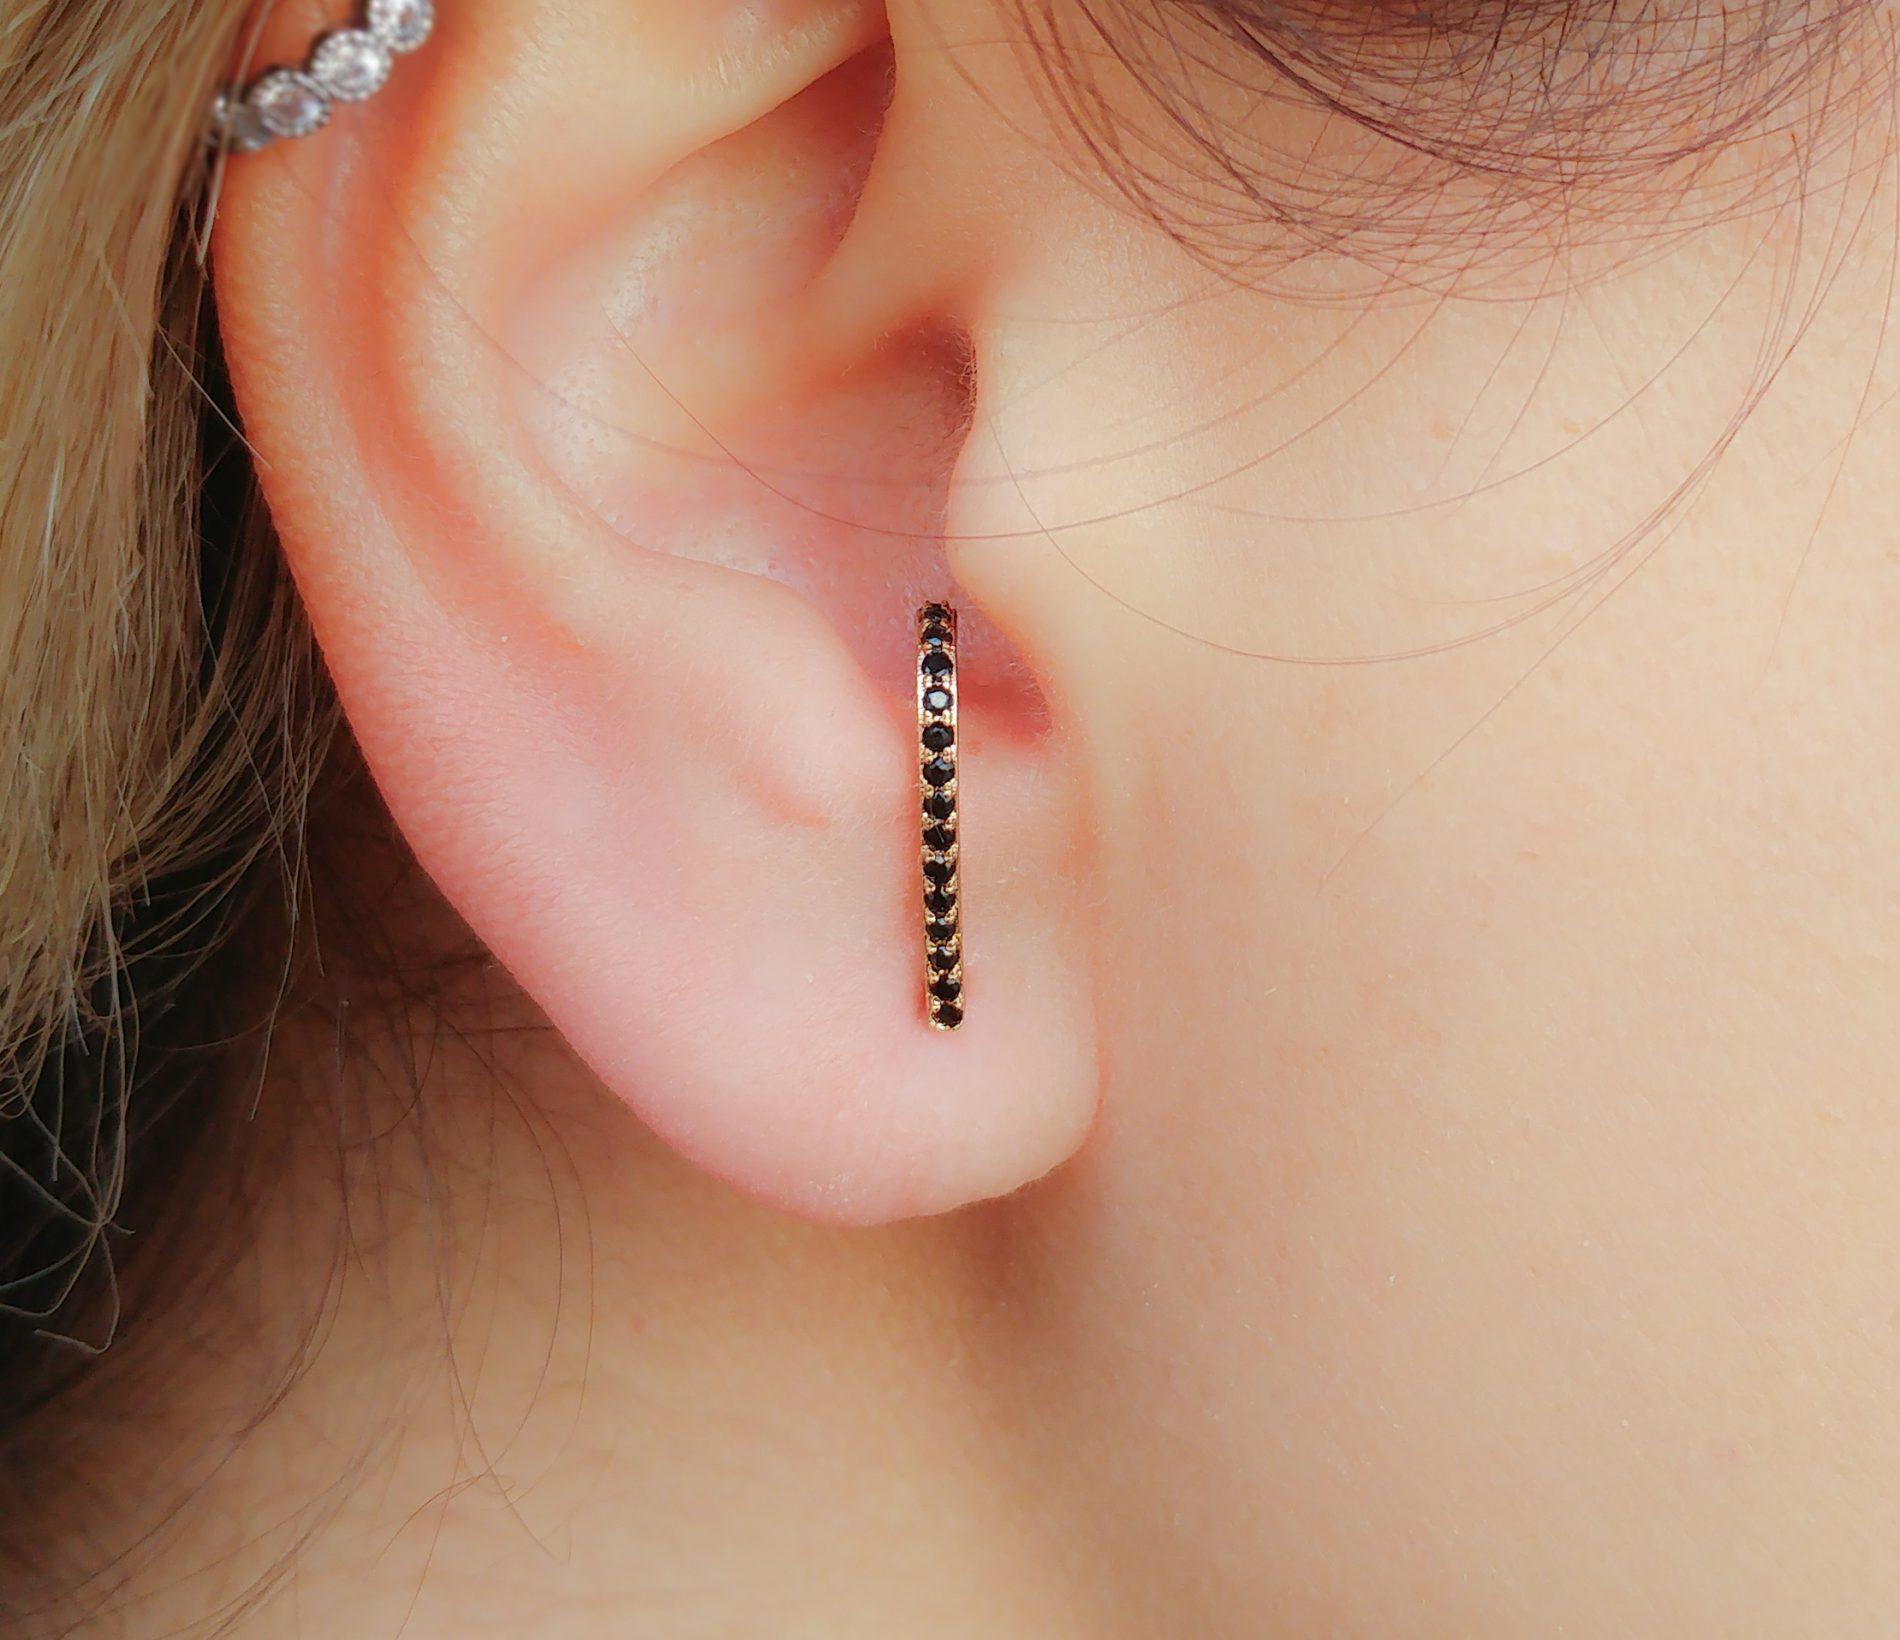 suspender earring